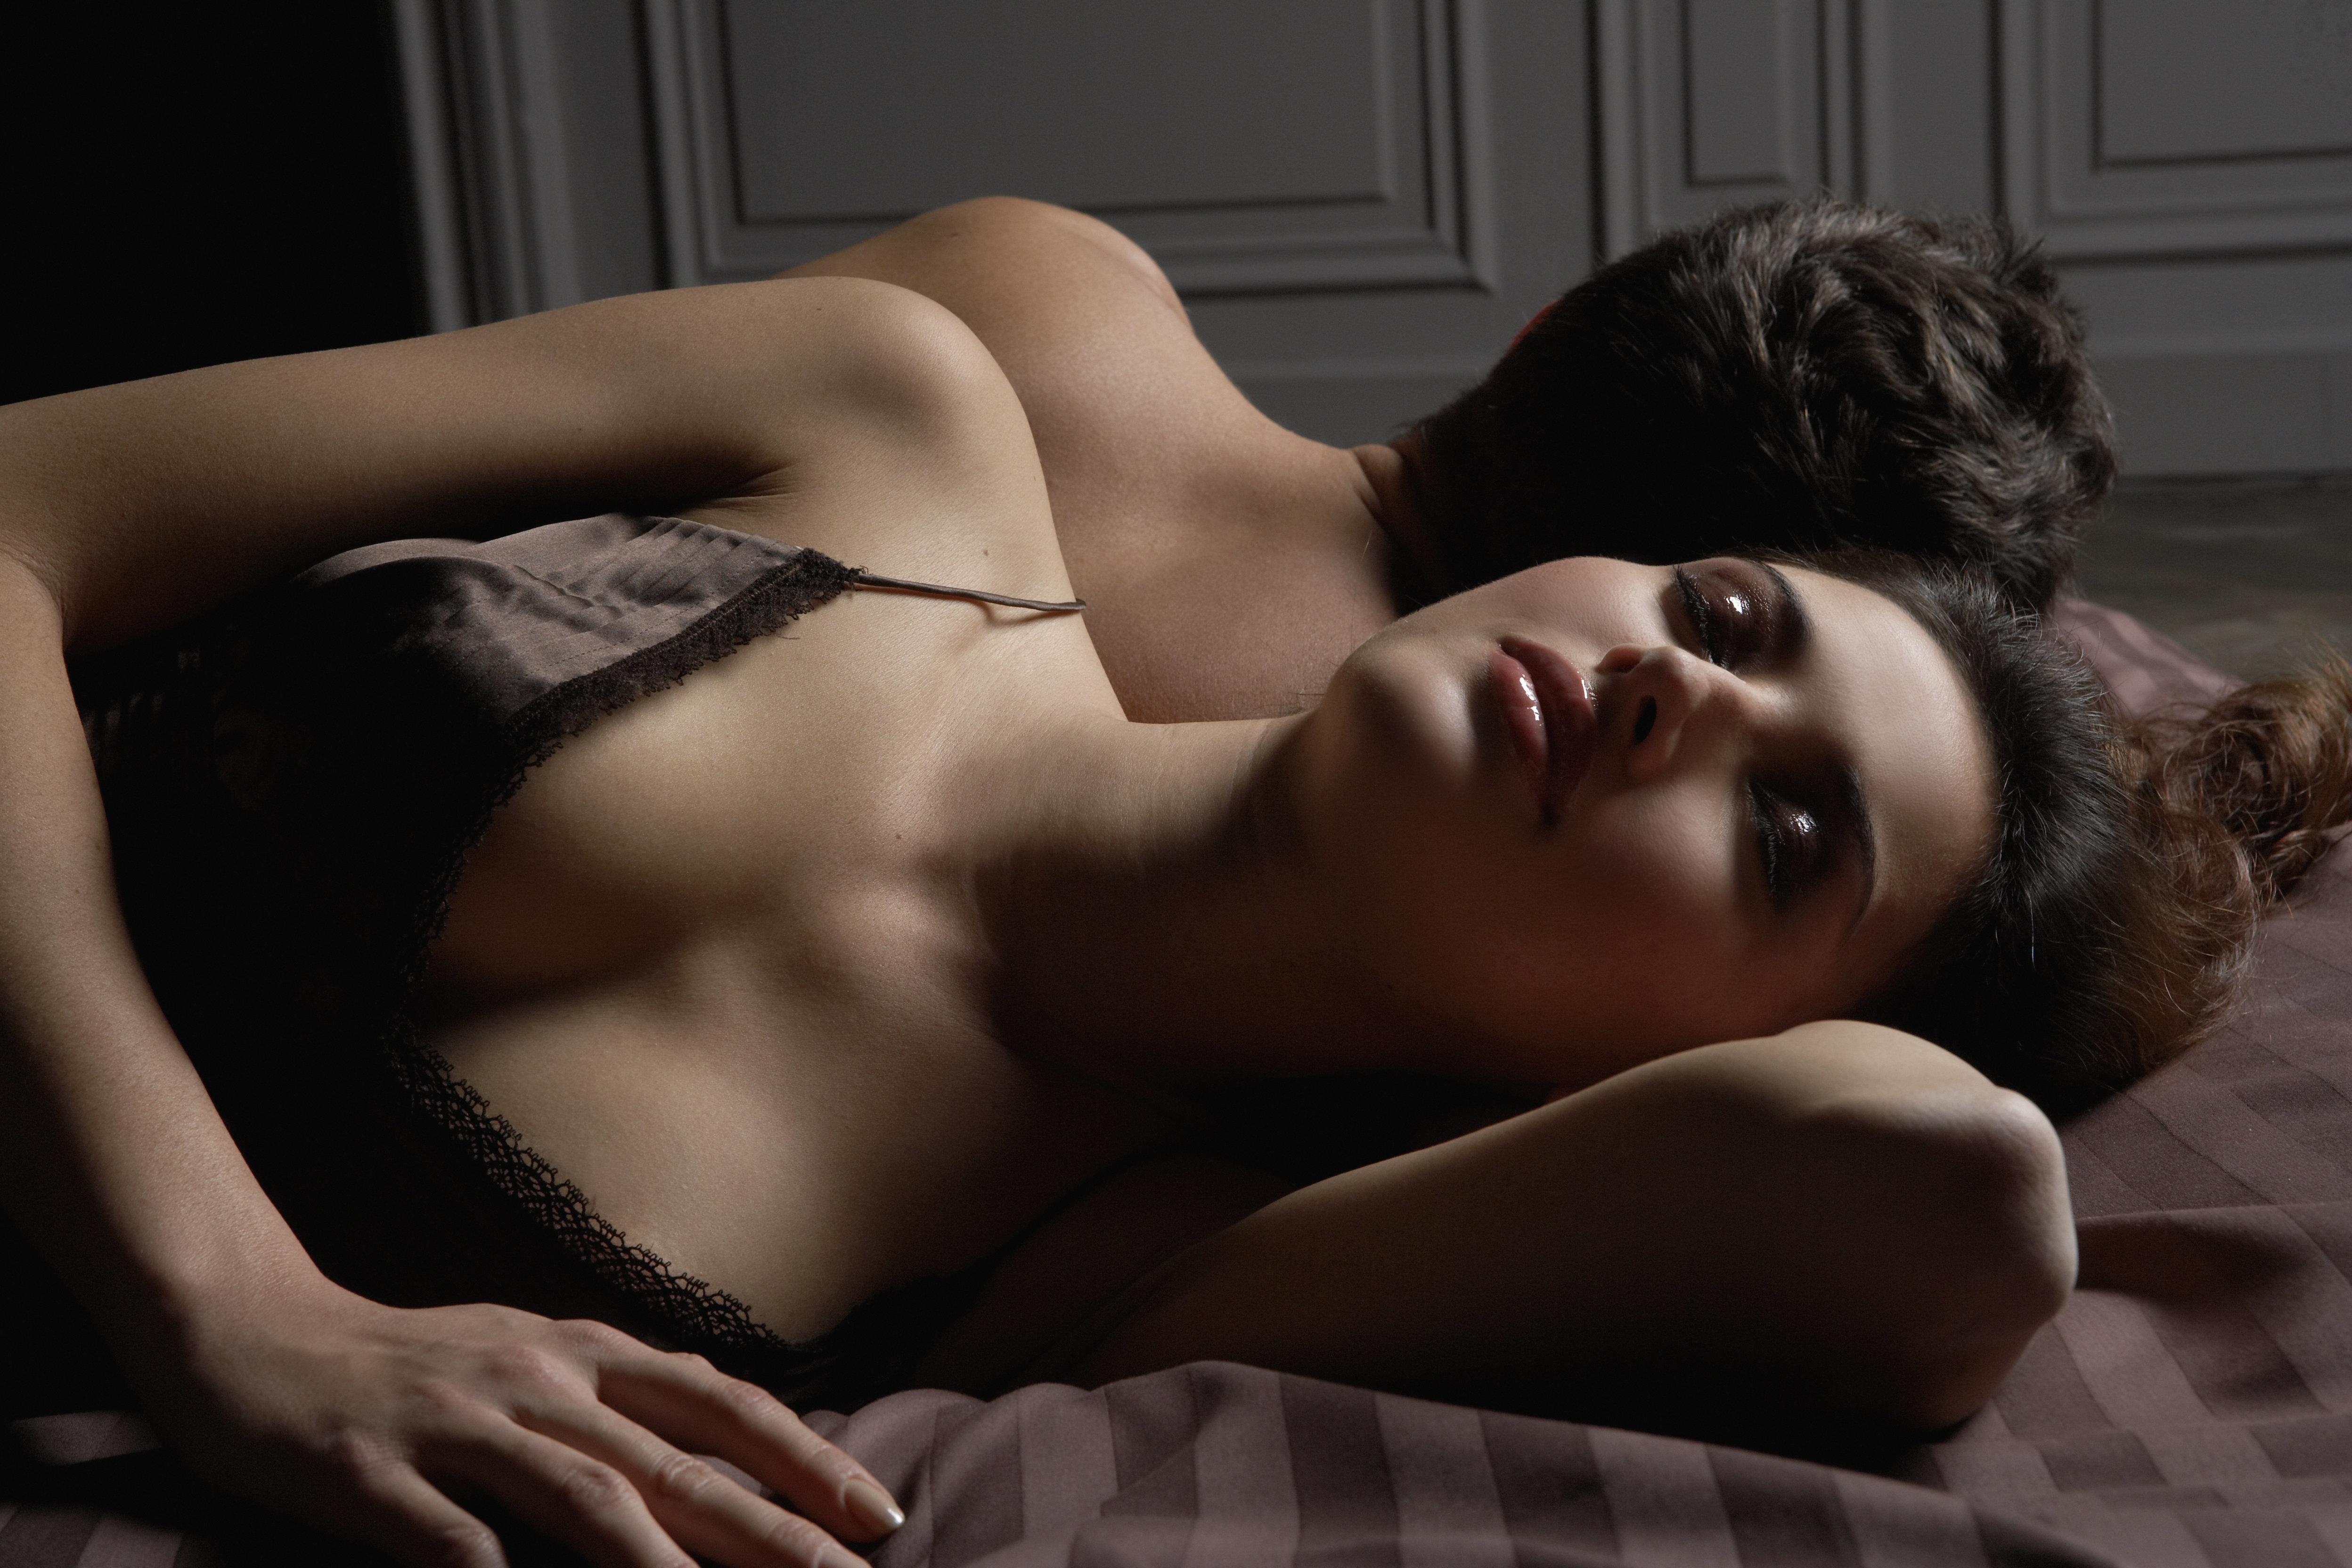 καυτά ξανθός/ιά πορνό κανάλι